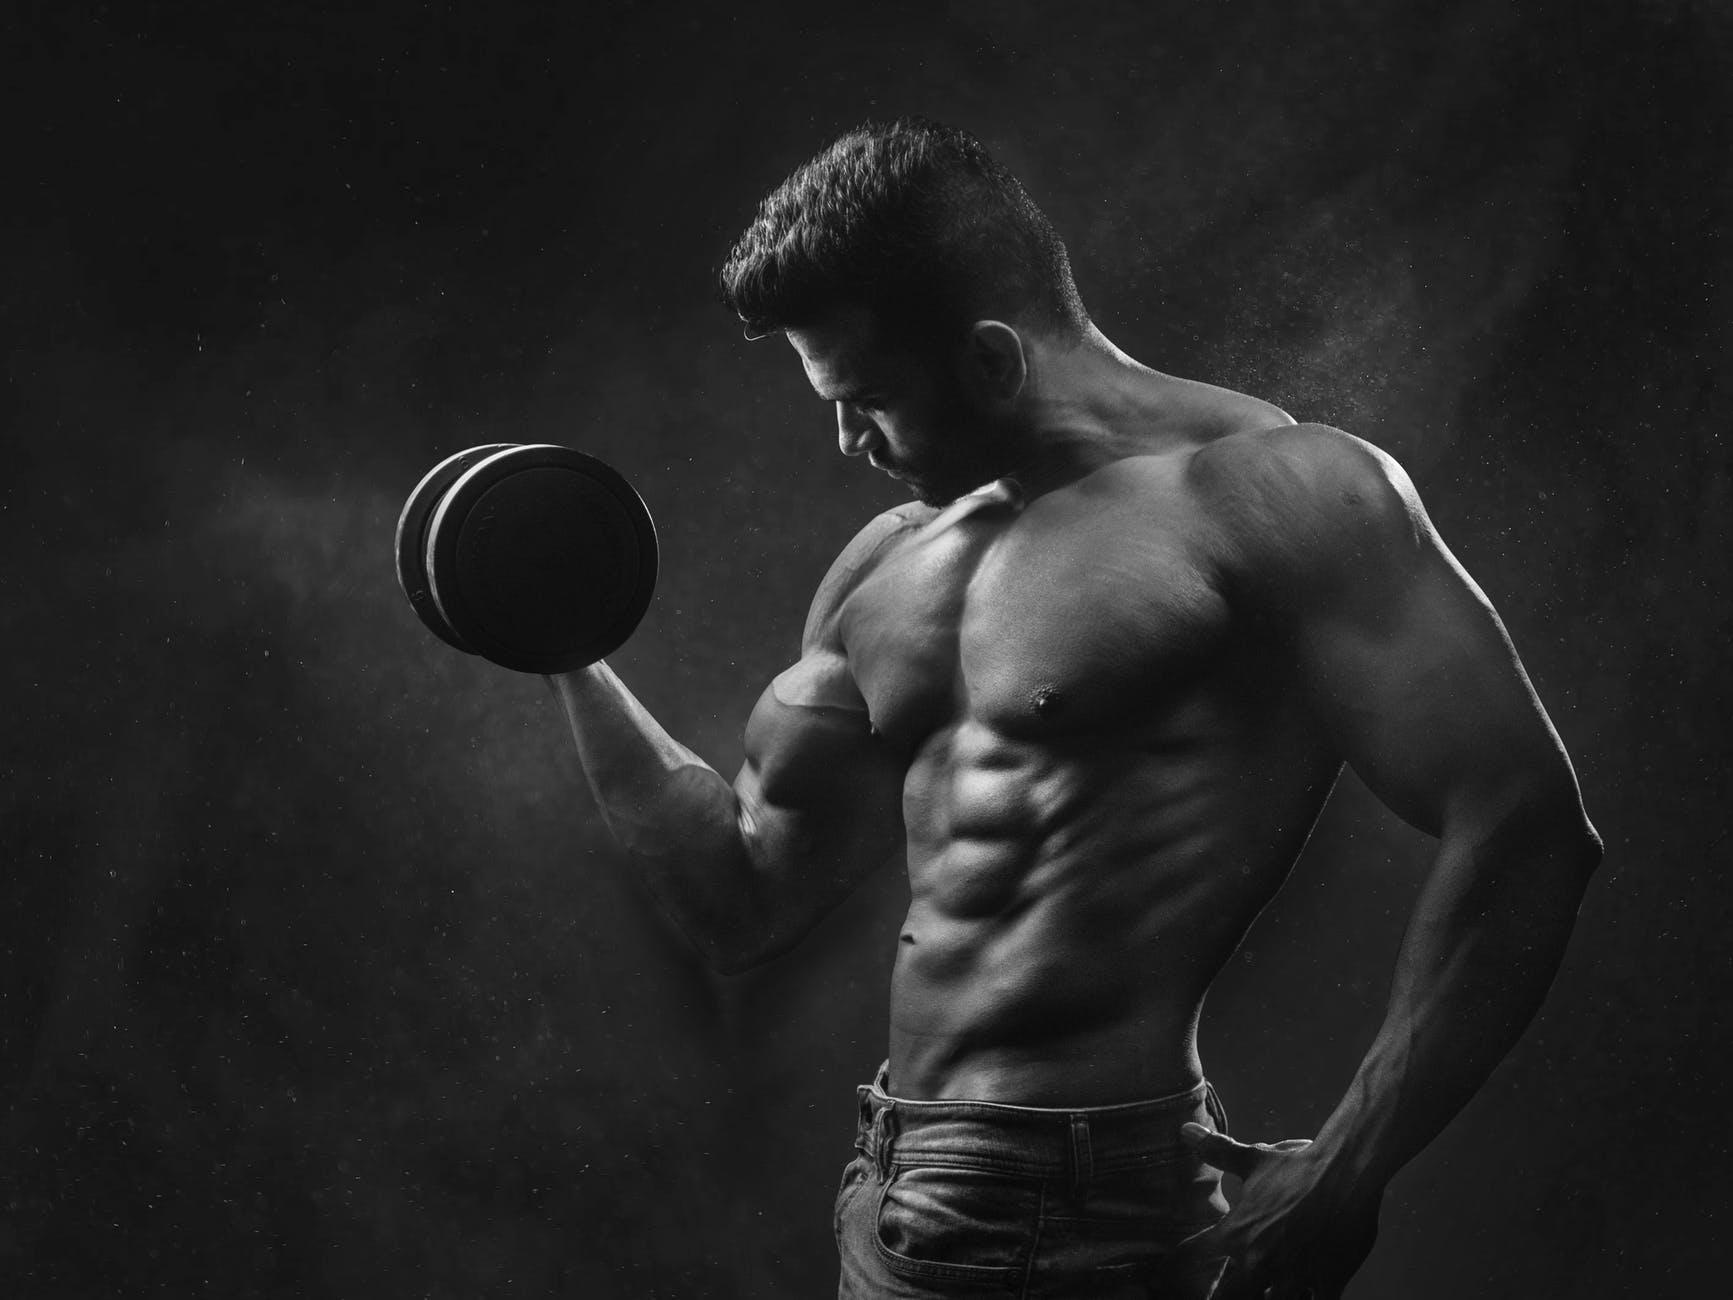 Celluraid Muscle ingredientes, composicion. ¿Tiene efectos secundarios?